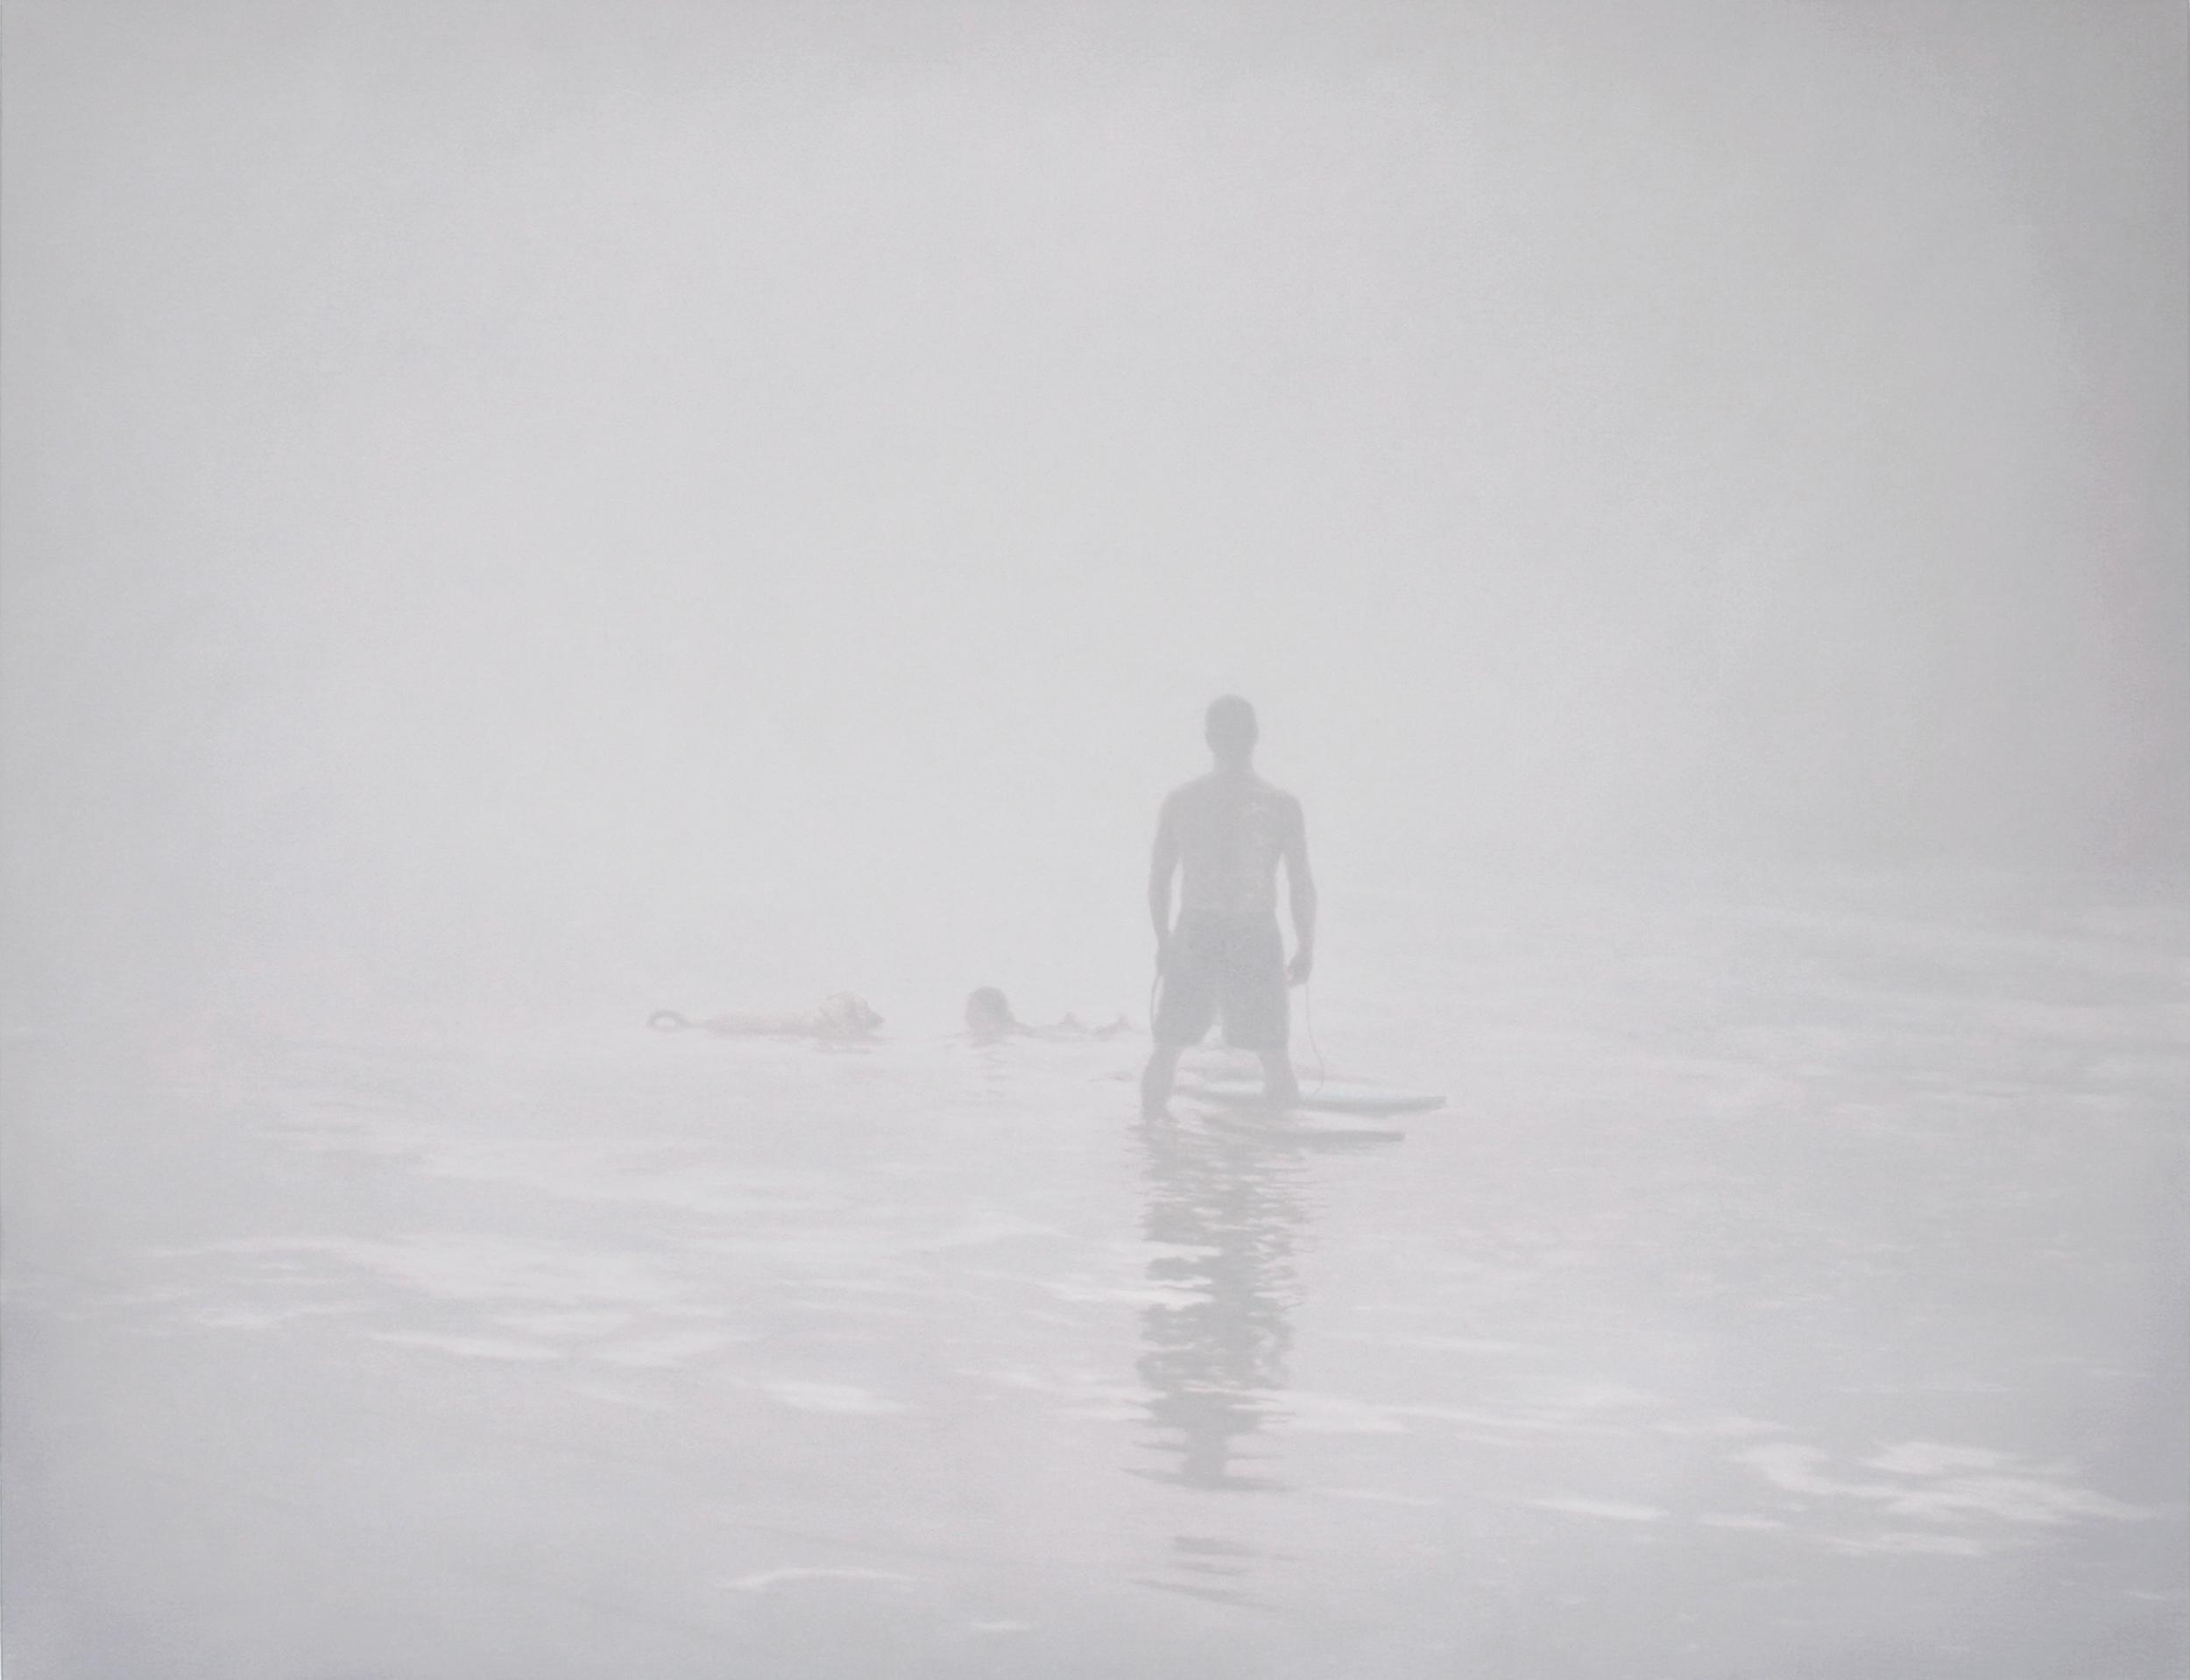 Peter Rostovsky,  Beach Scene 1,  2011, Oil on linen, 29 x 38 inches